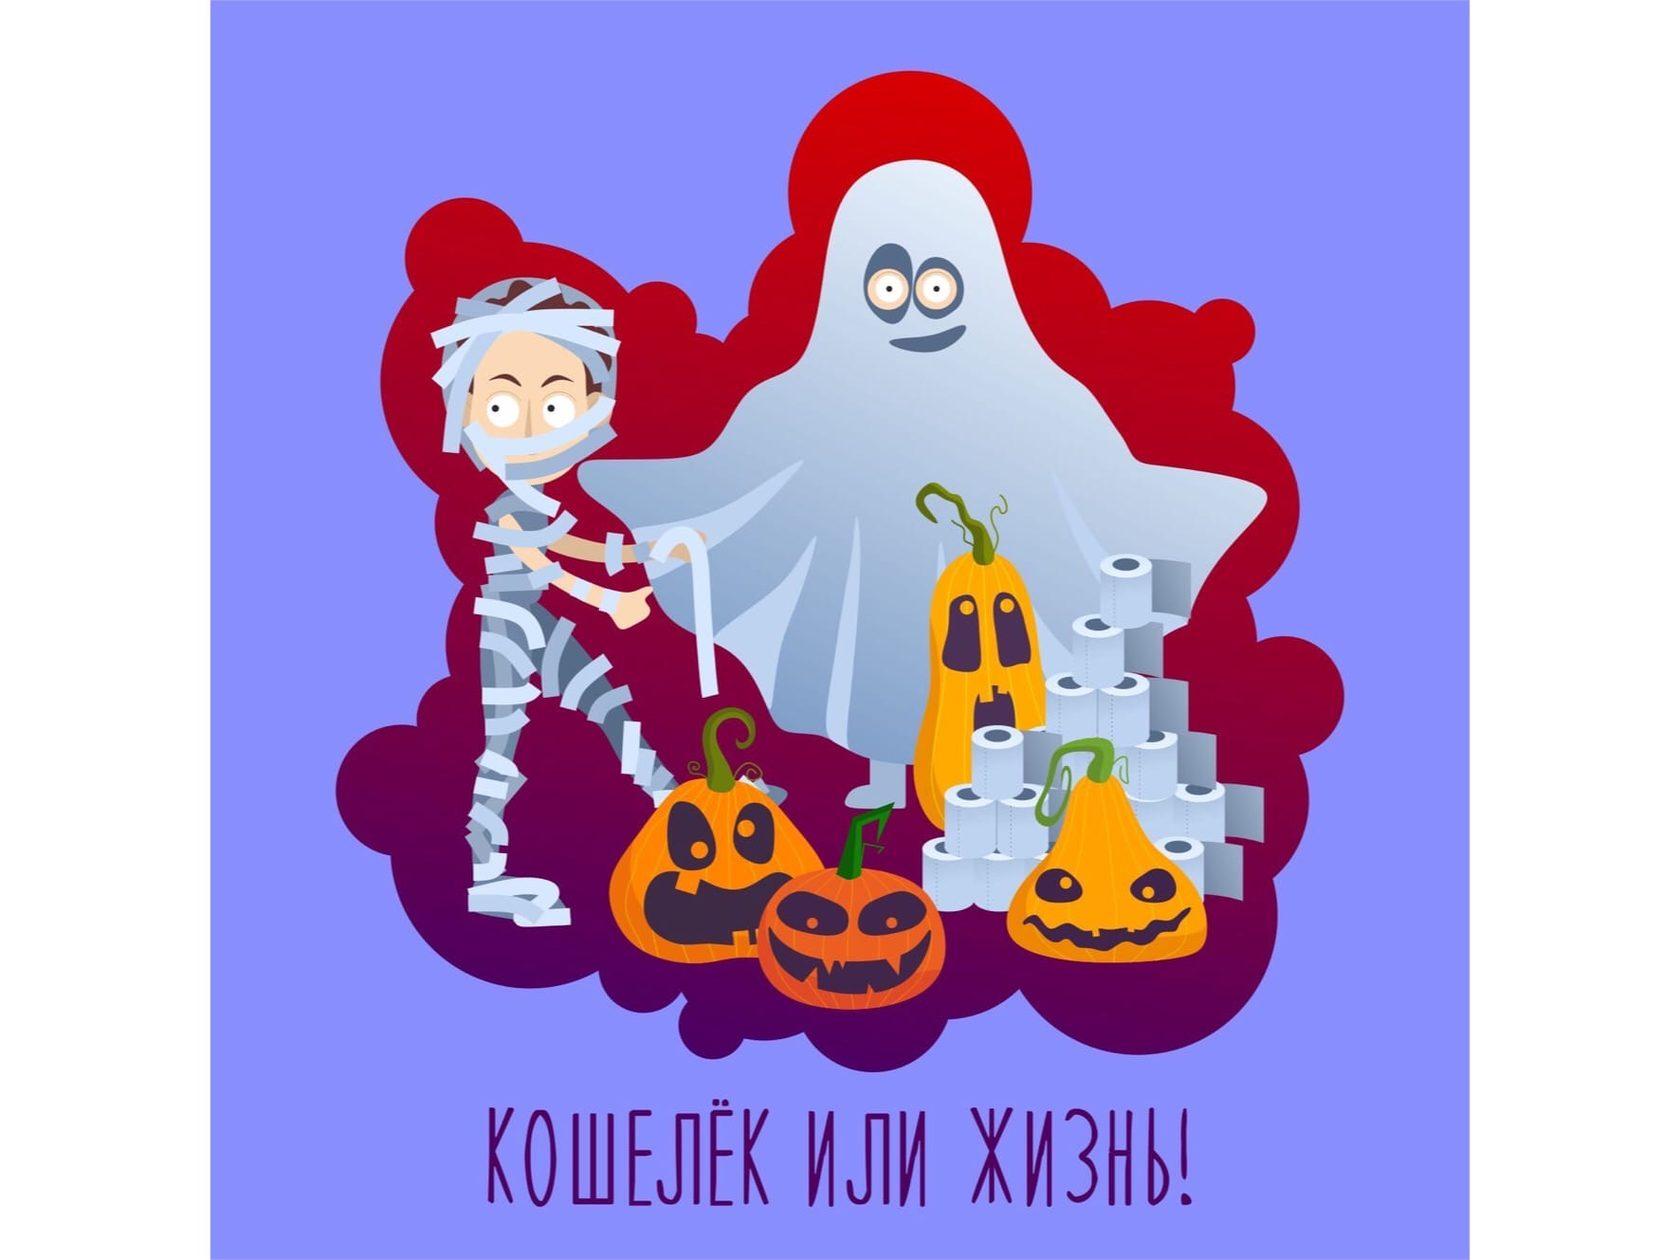 Хэллоуин и математика